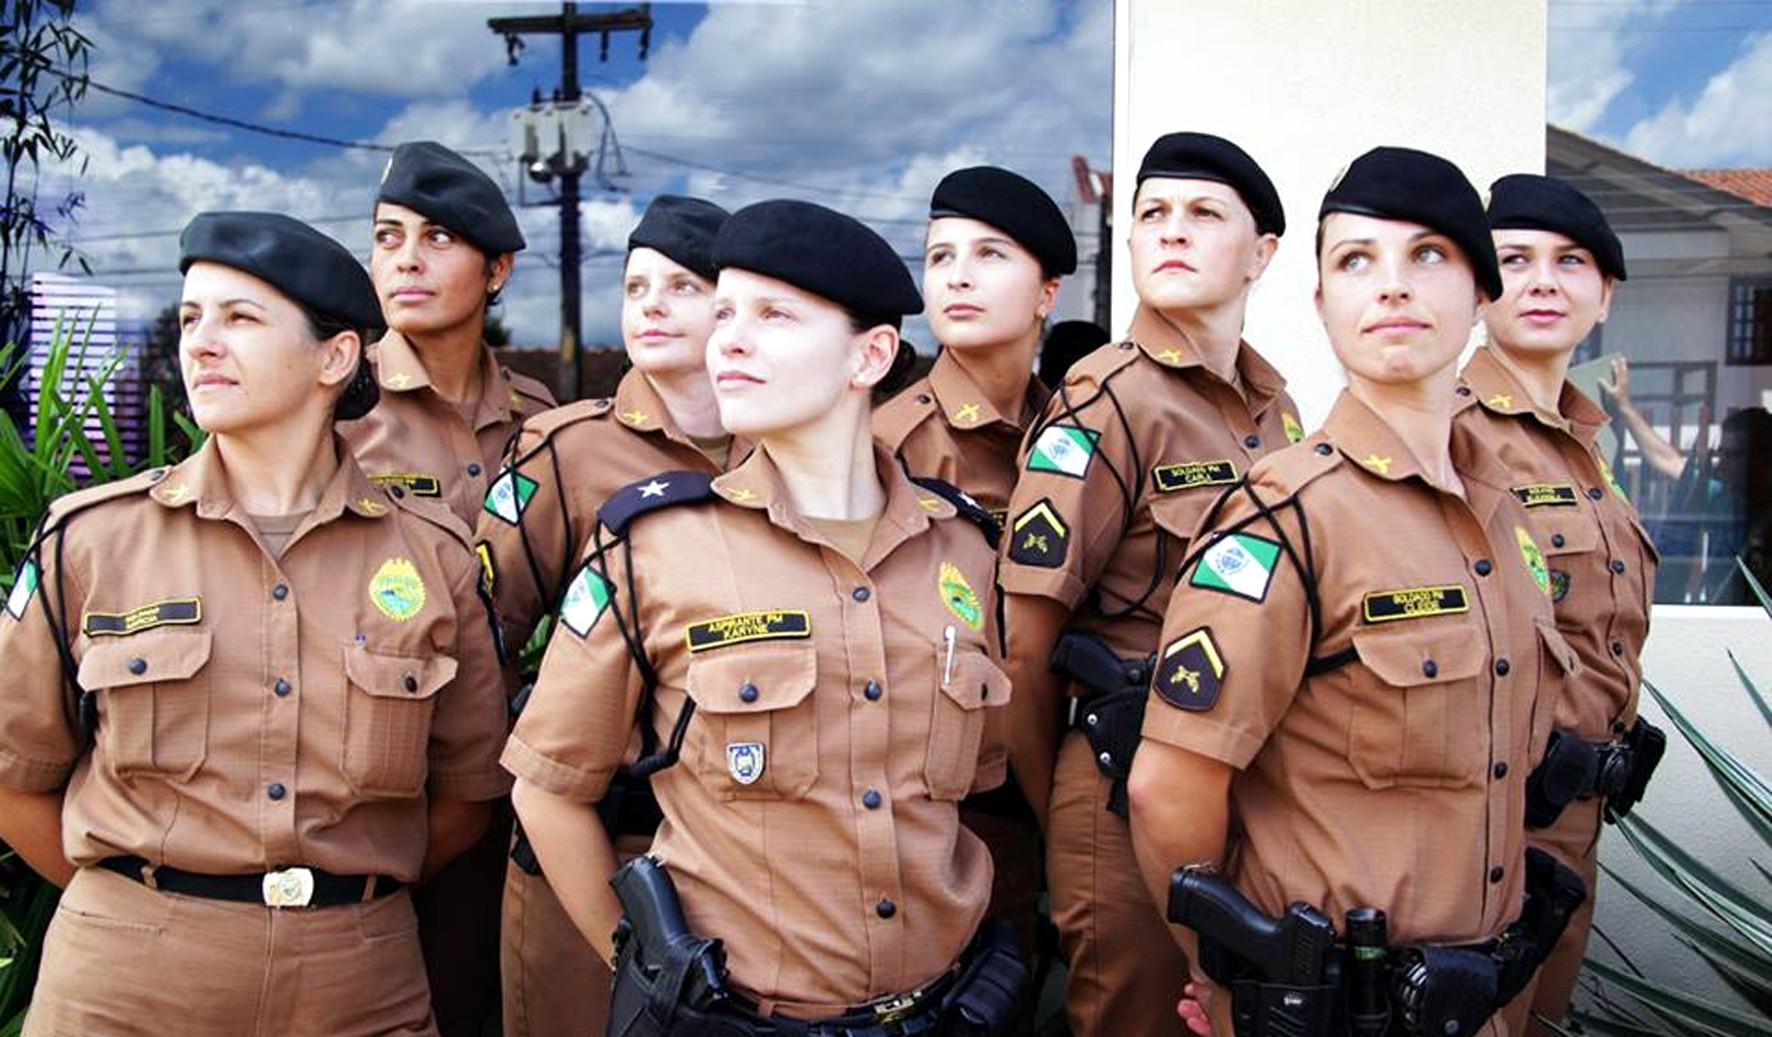 Resultado de imagem para MULHERES POLICIAS FOTOS